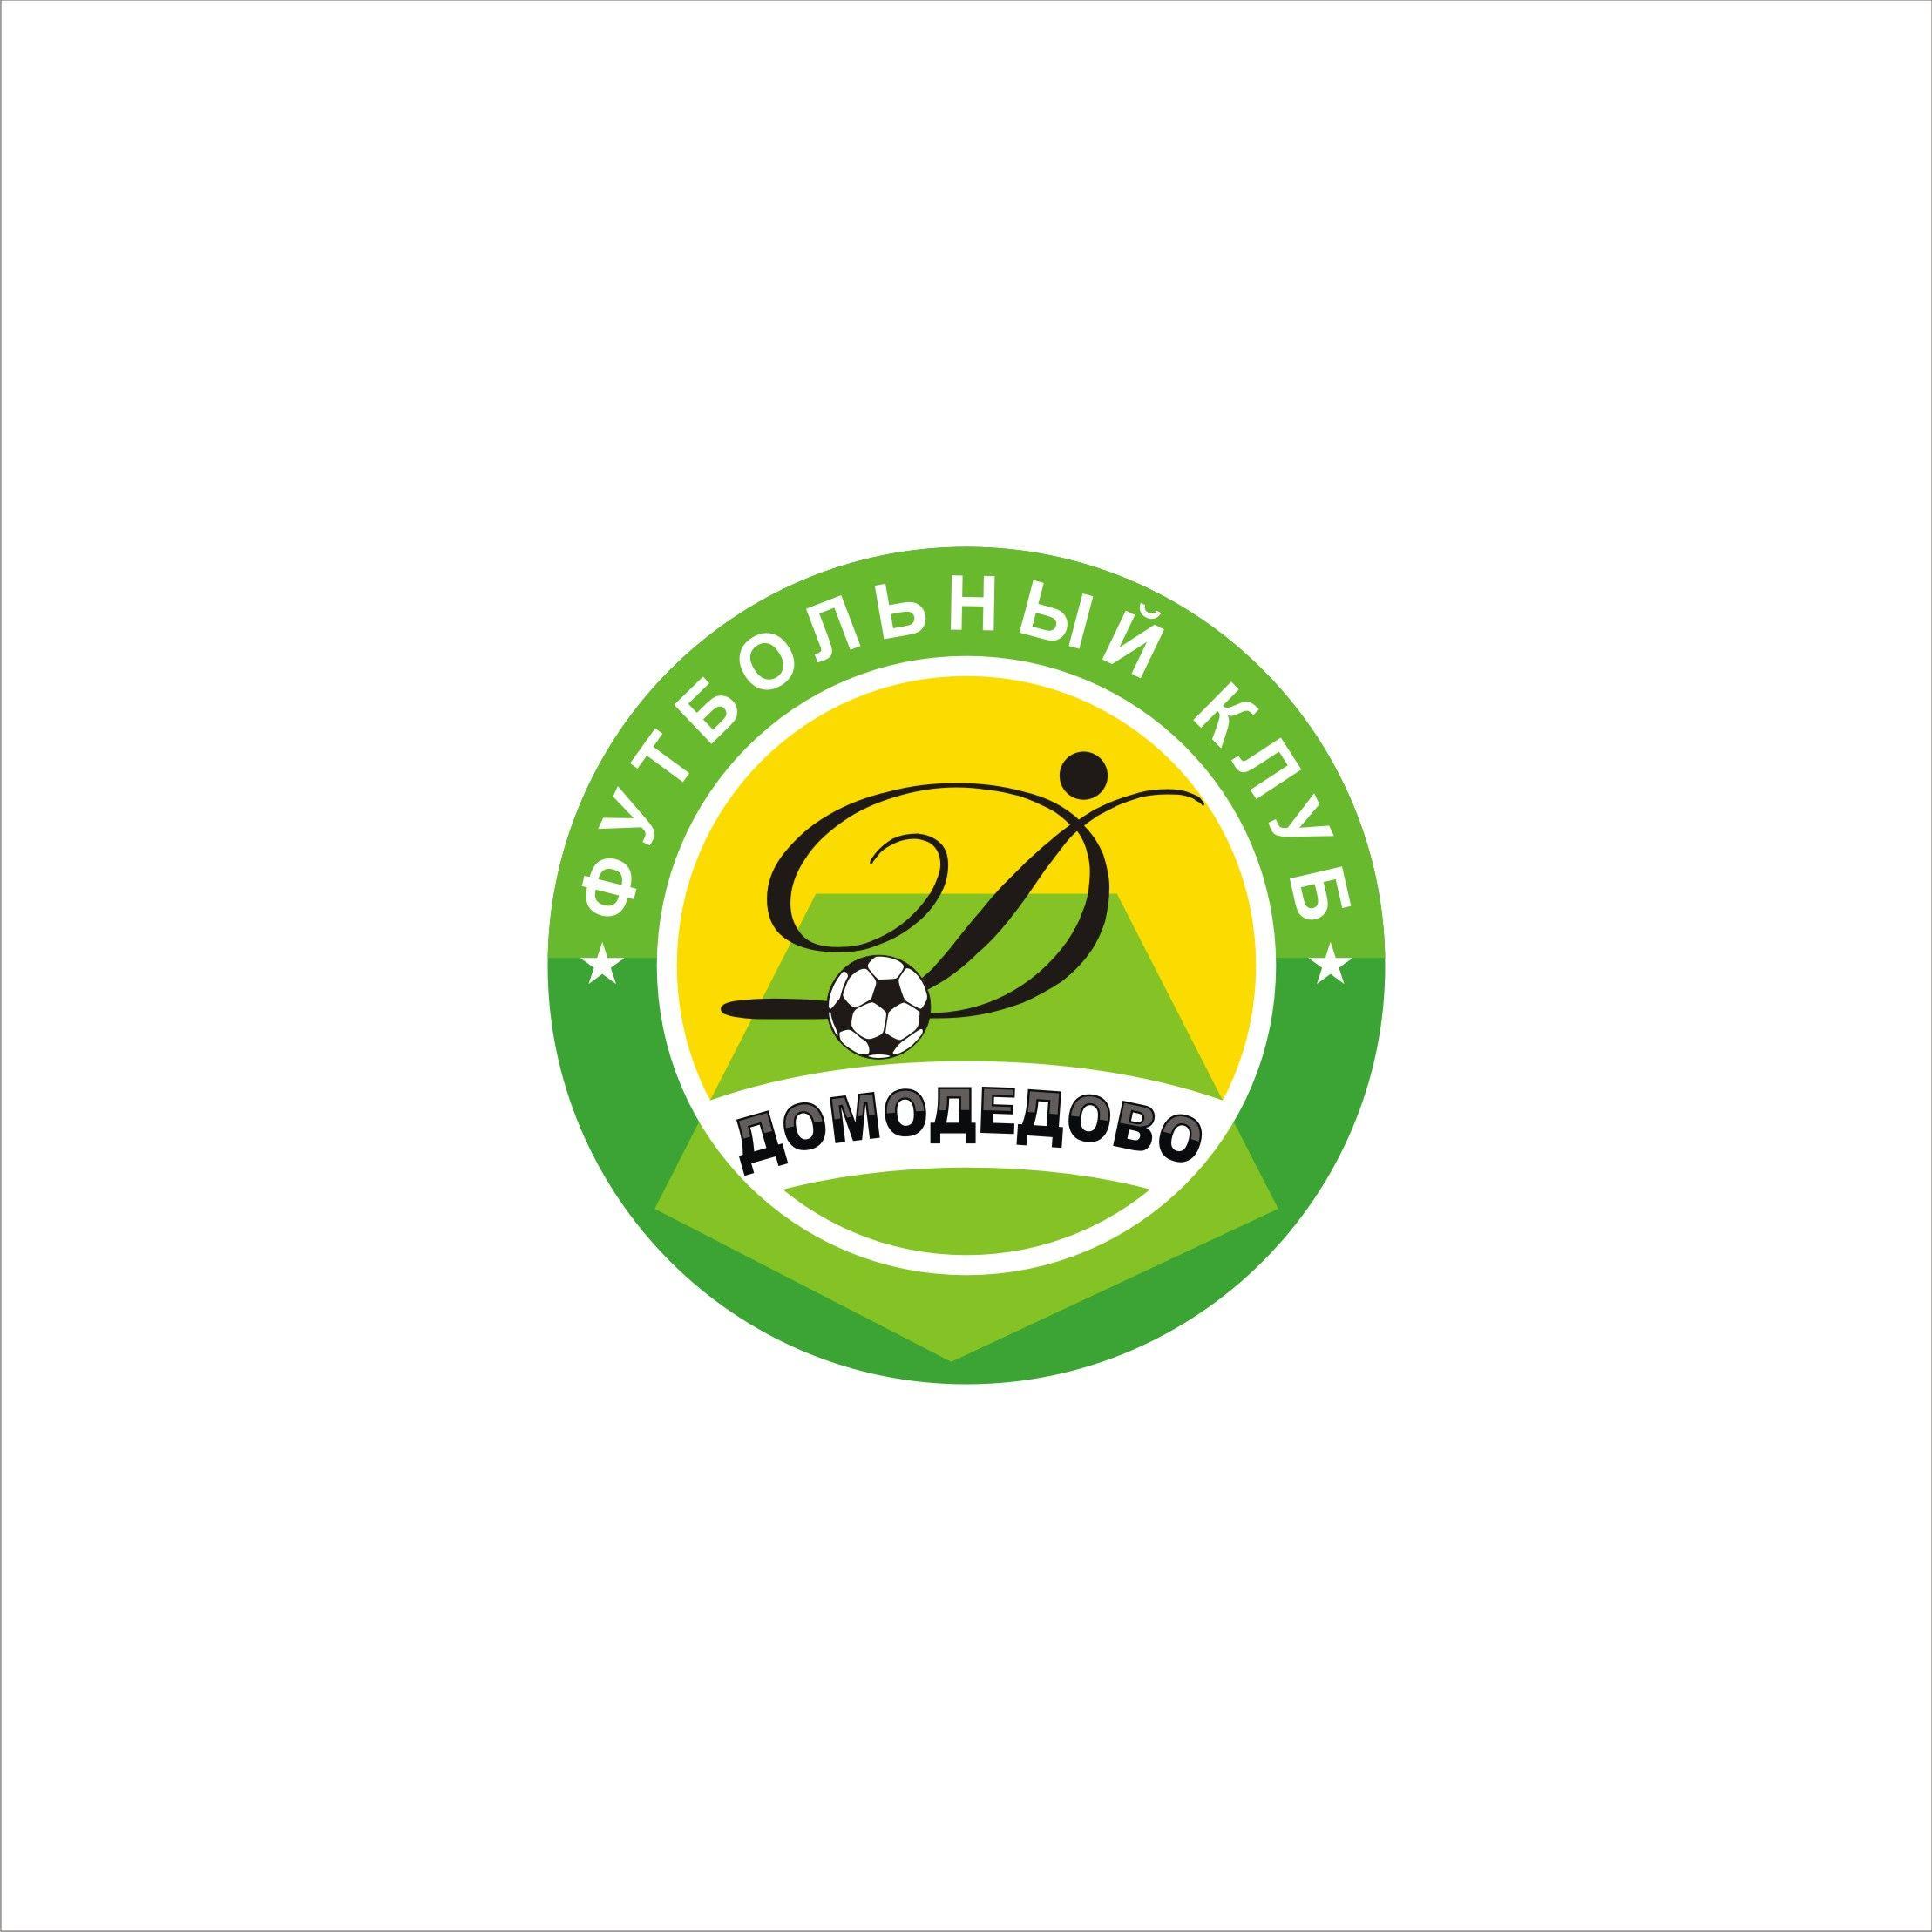 Логотип (Эмблема) для нового Футбольного клуба - дизайнер arm4mik